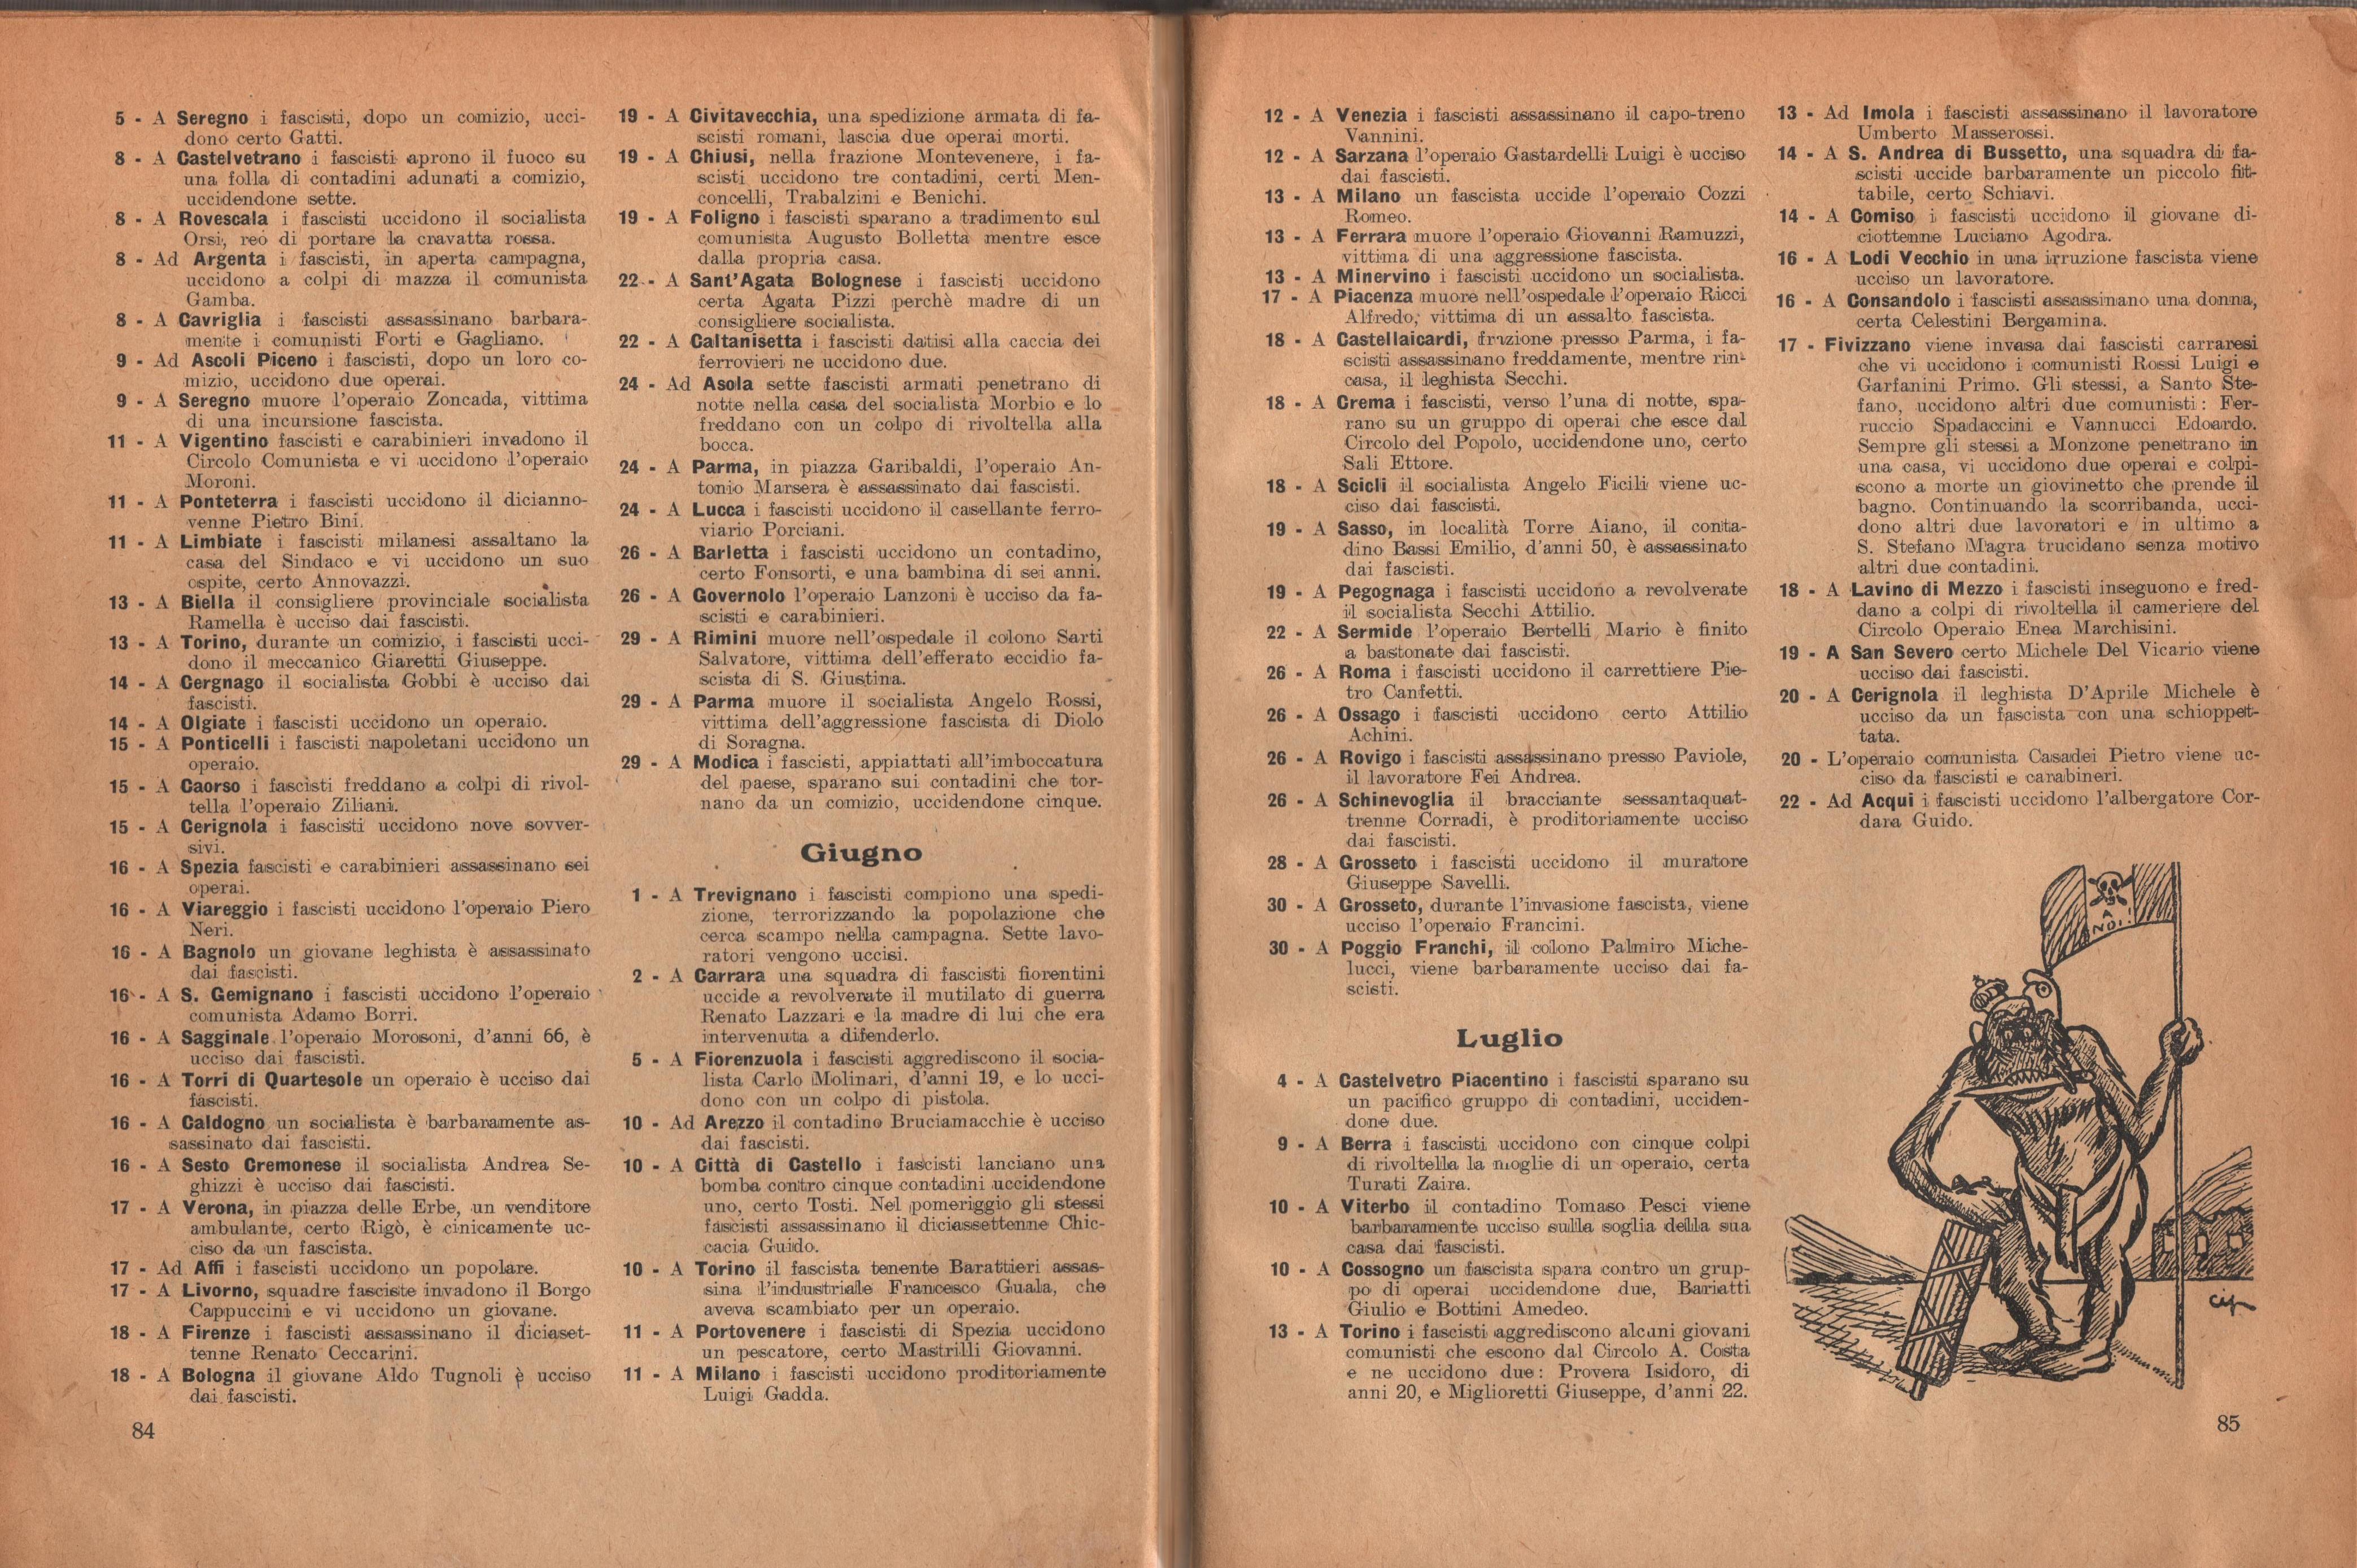 Almanacco comunista 1922 - pag. 51